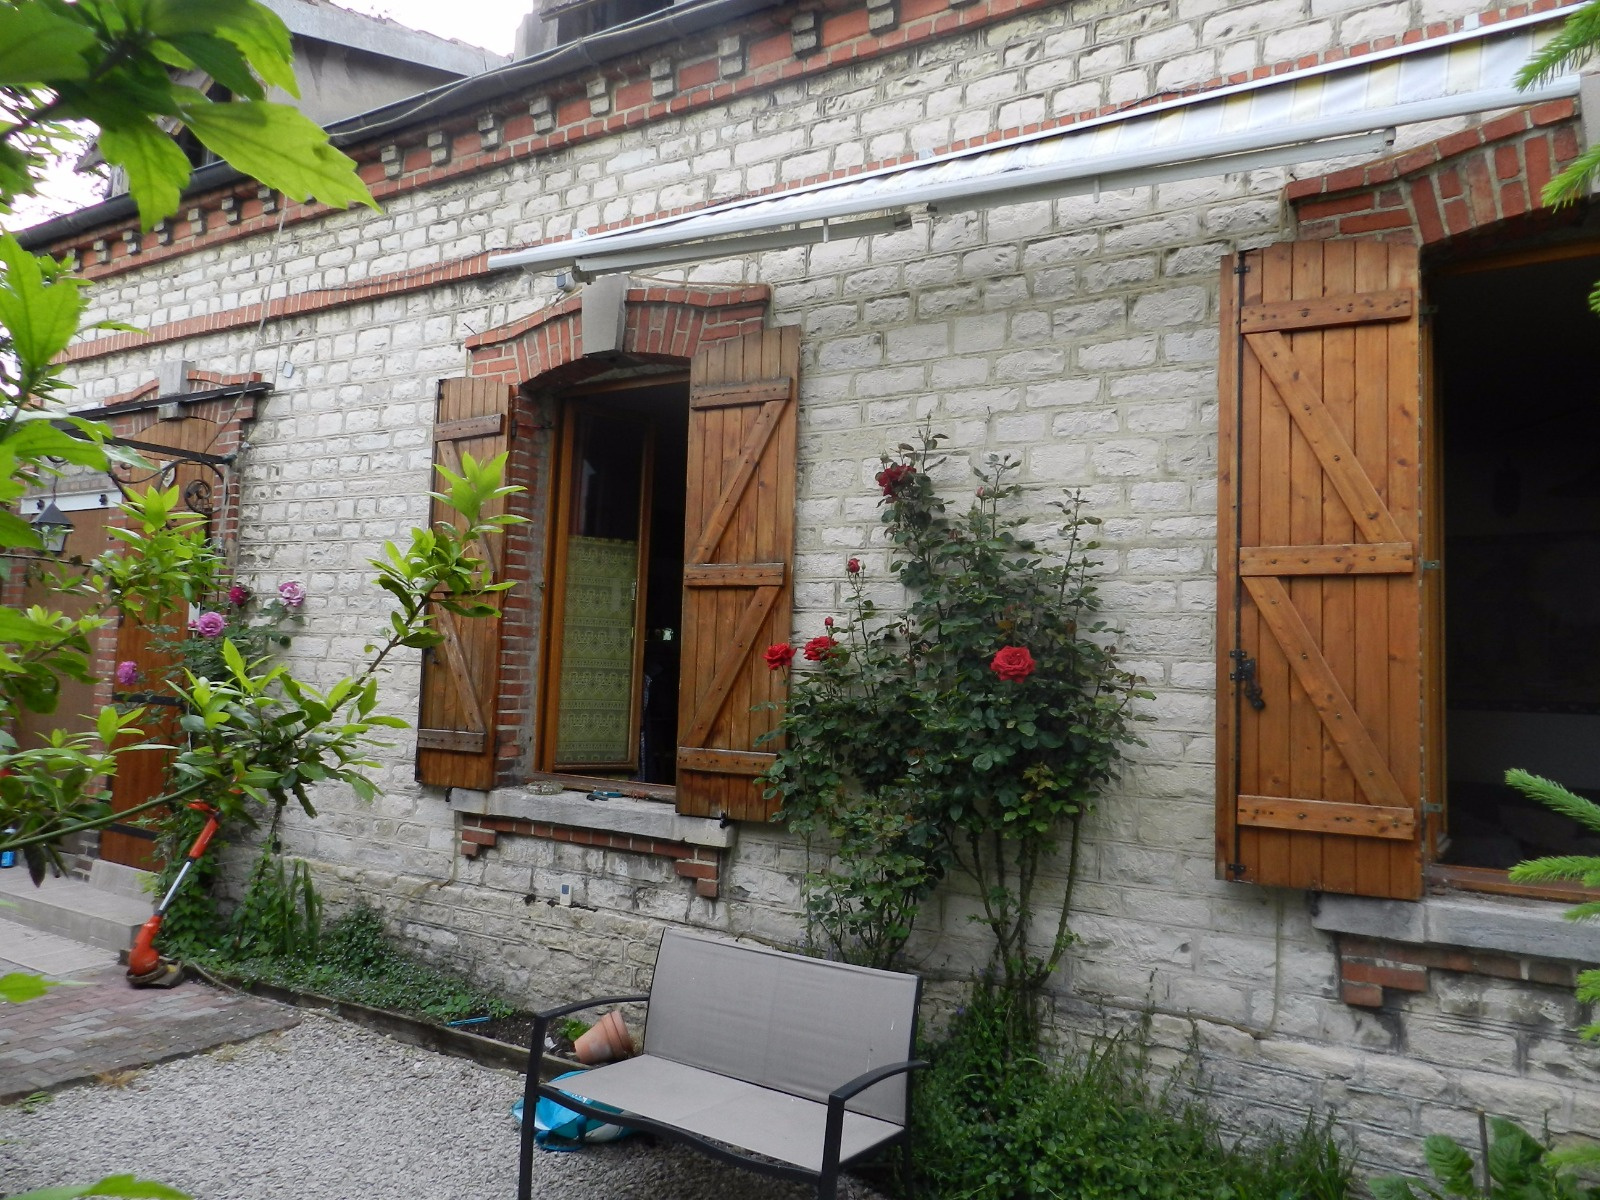 Vente maison appartement troyes 10000 sur le partenaire for Troyes habitat vente